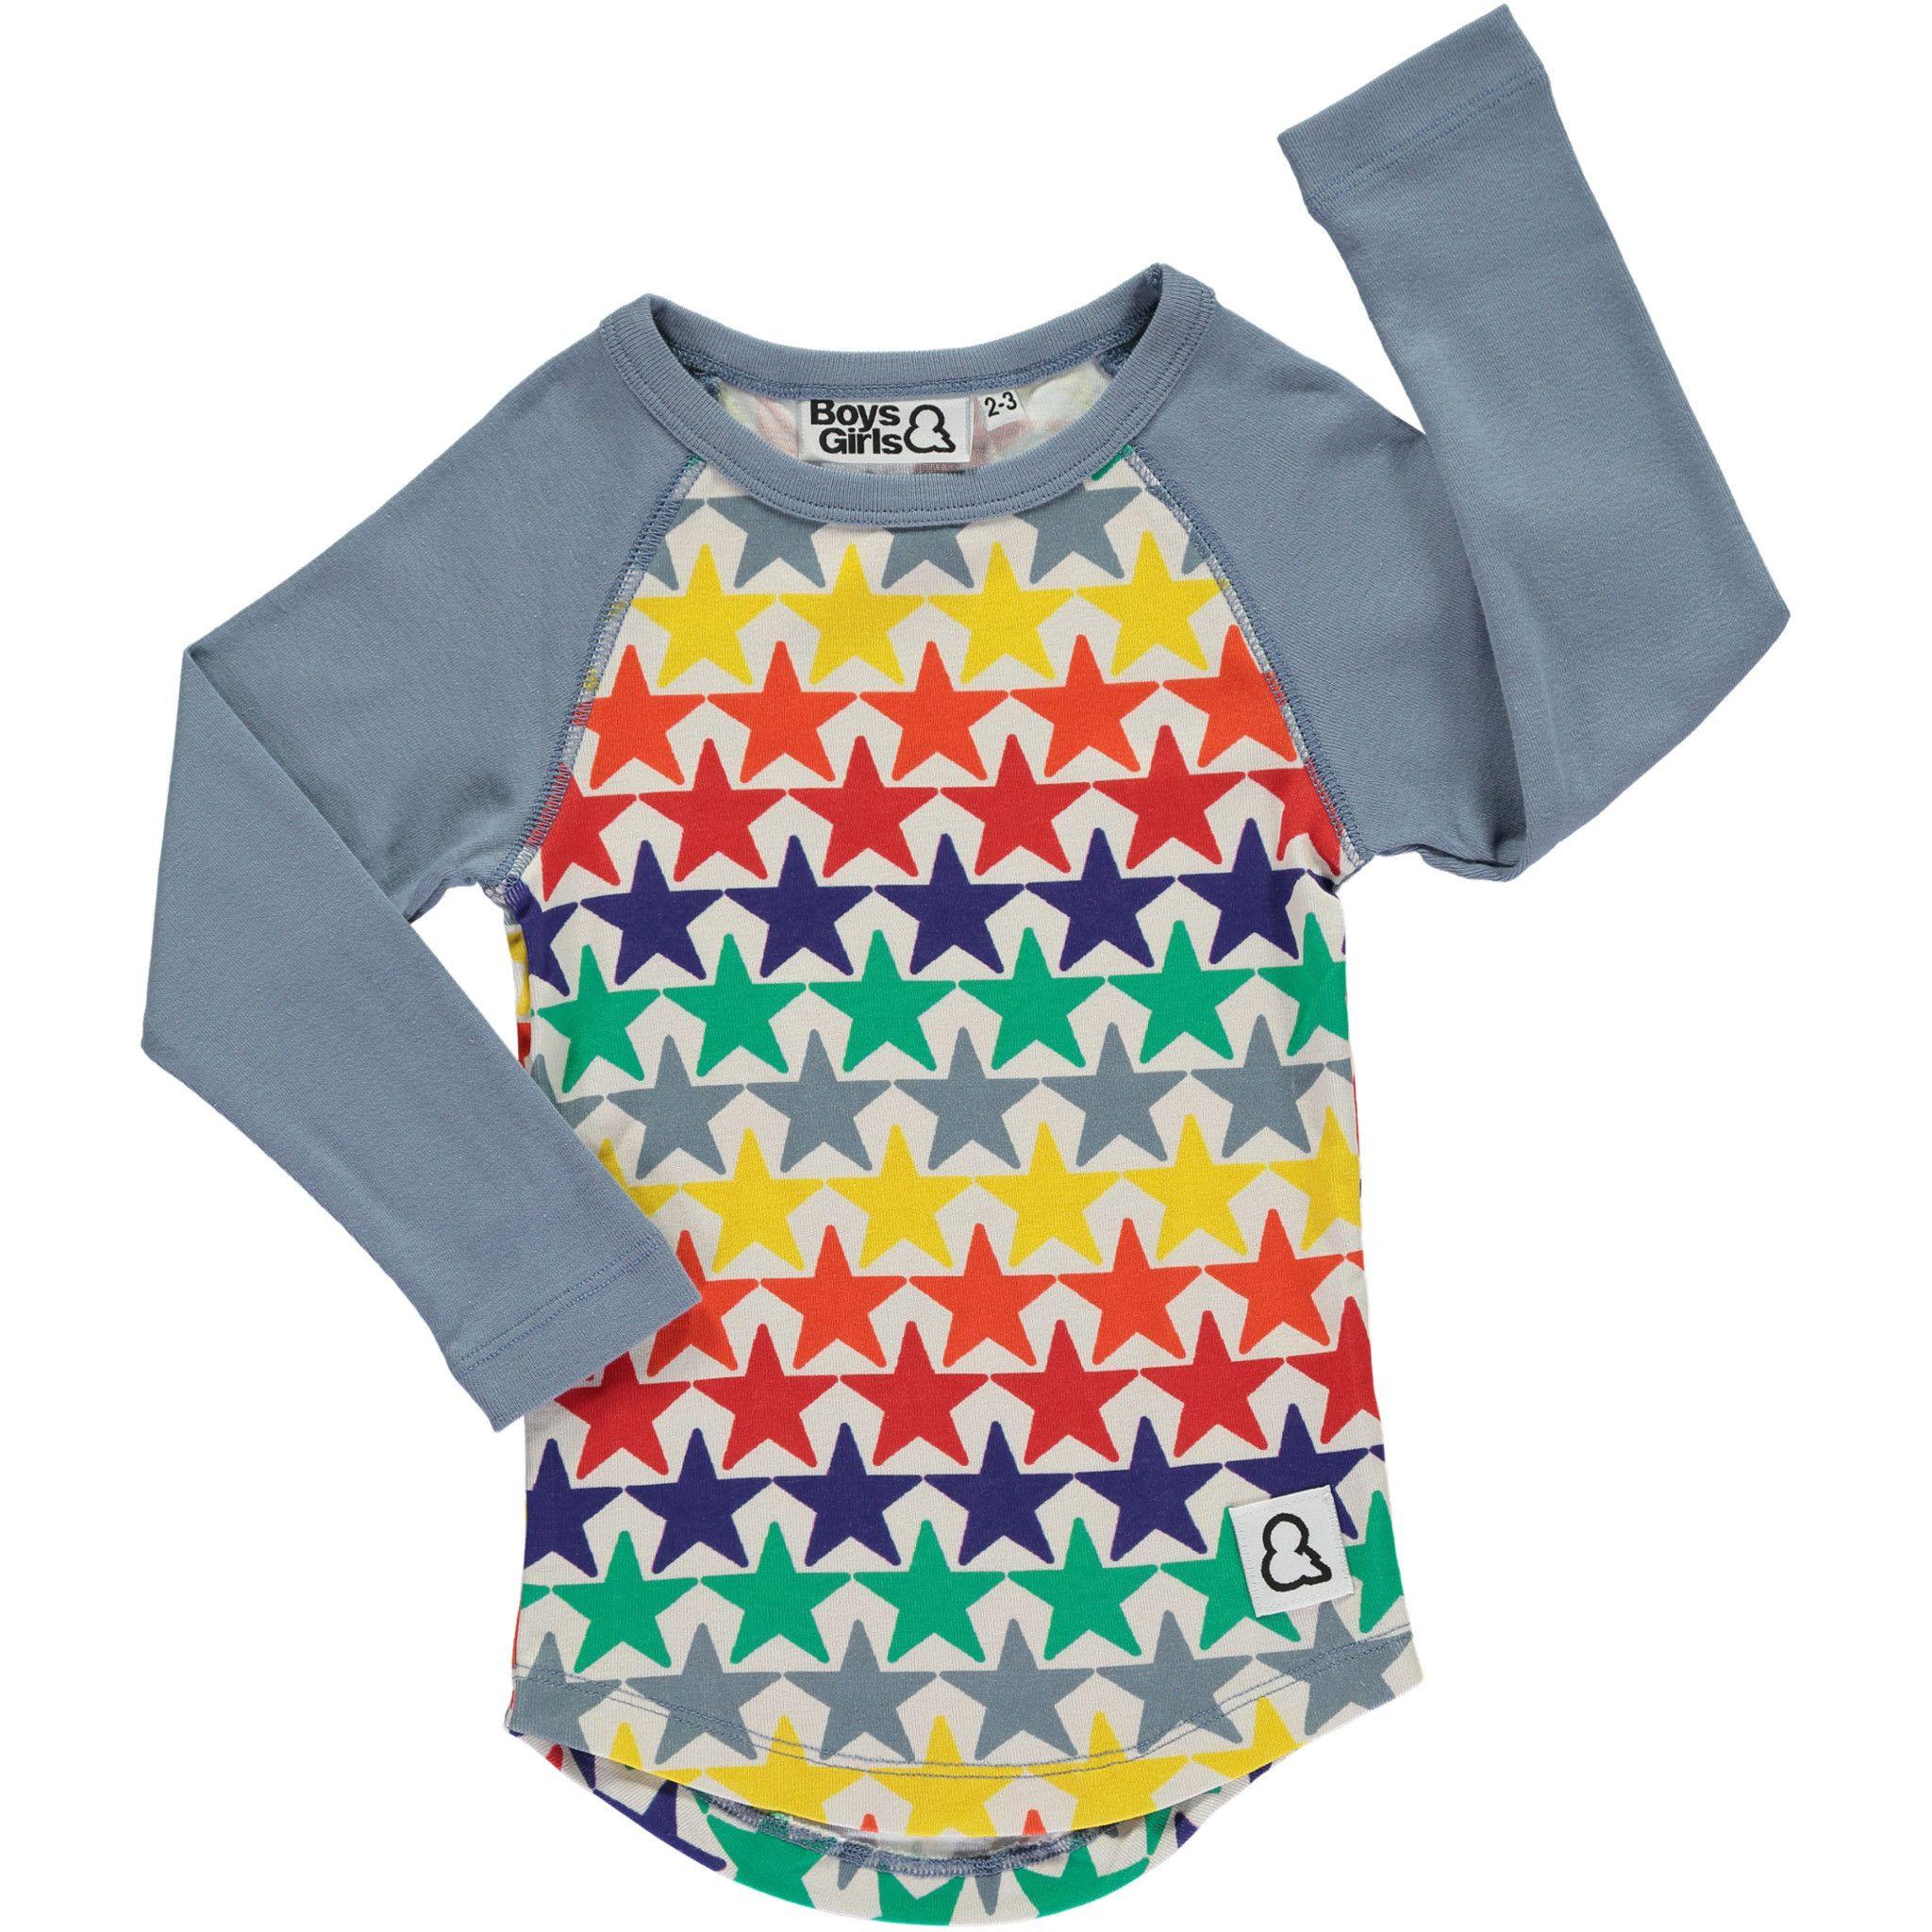 Bright Stars Raglan Baseball Shirt by Boys & Girls Shop an edgy